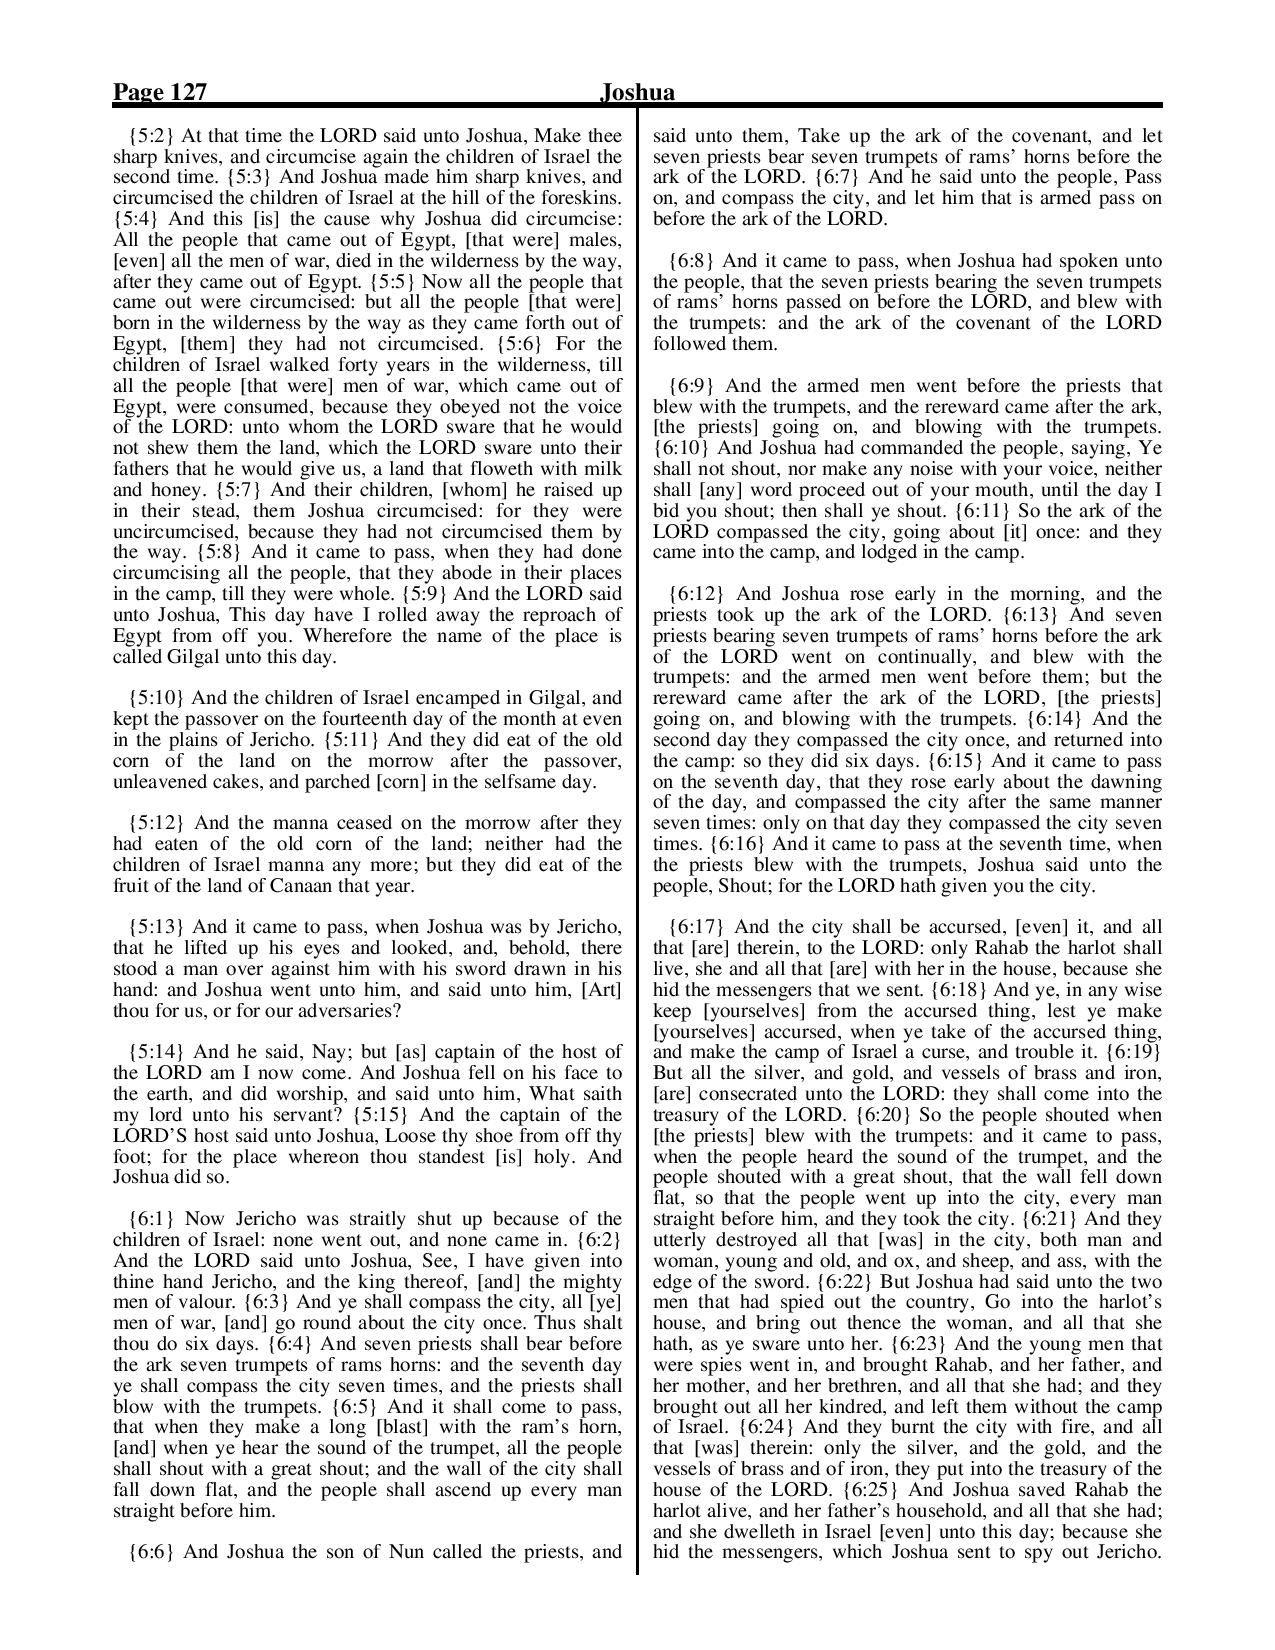 King-James-Bible-KJV-Bible-PDF-page-148